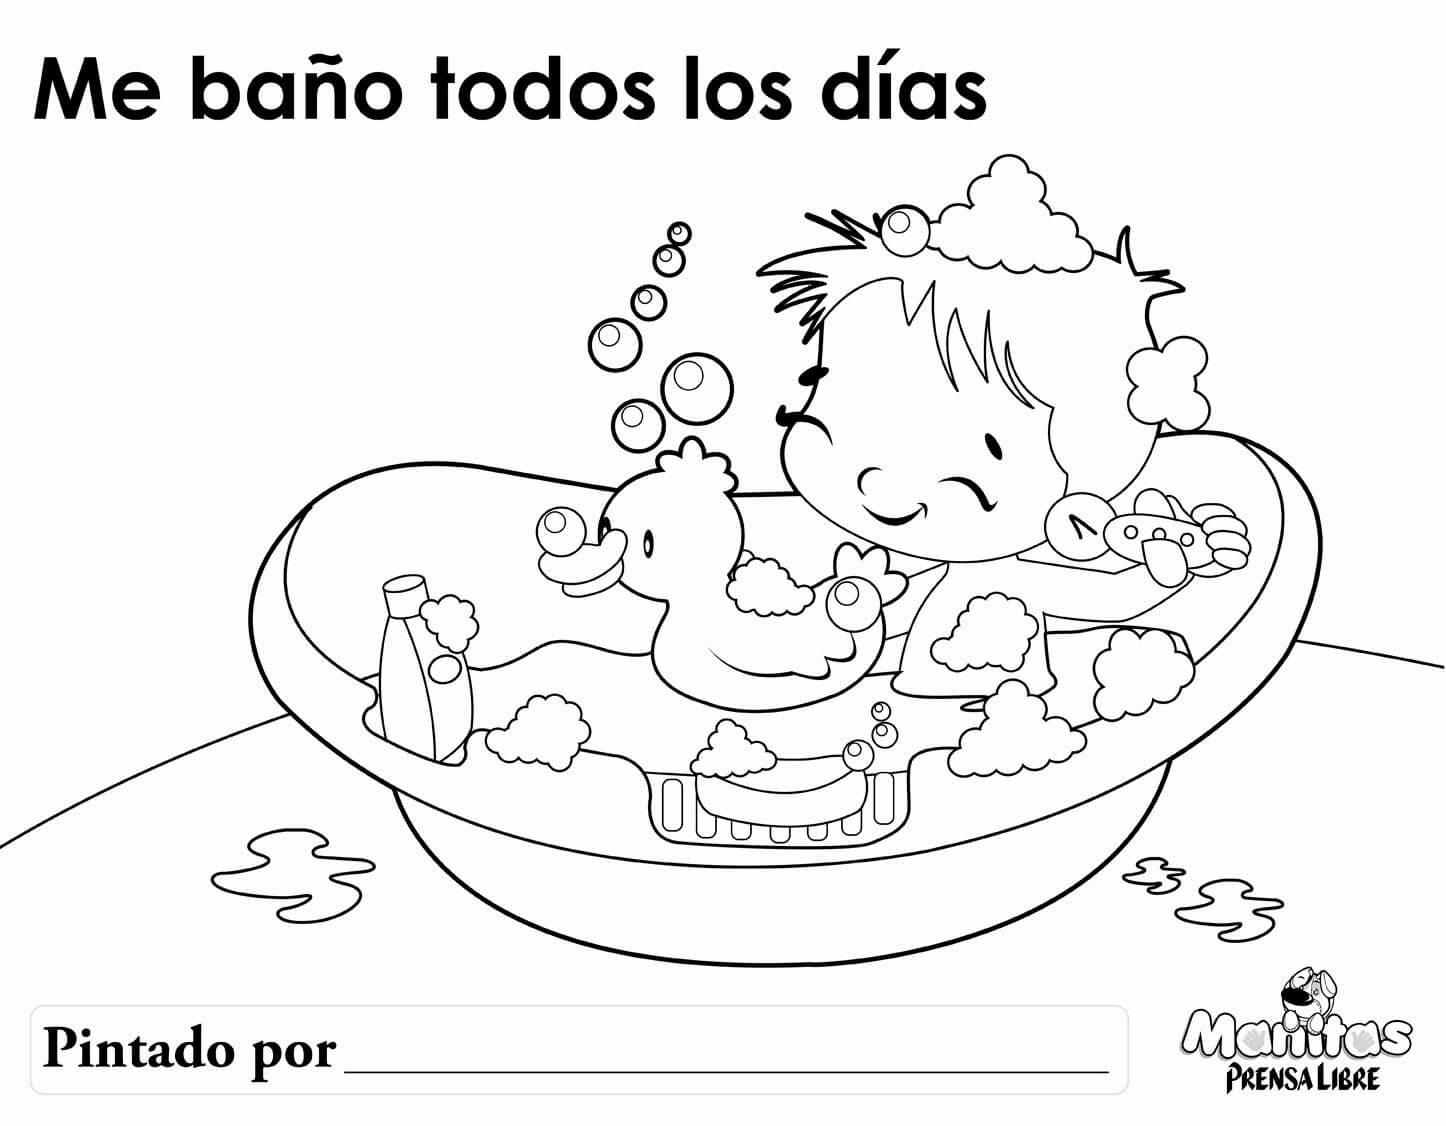 Ficha para colorear sobre el aseo infantil cyberdocentes for Objetos para banarse